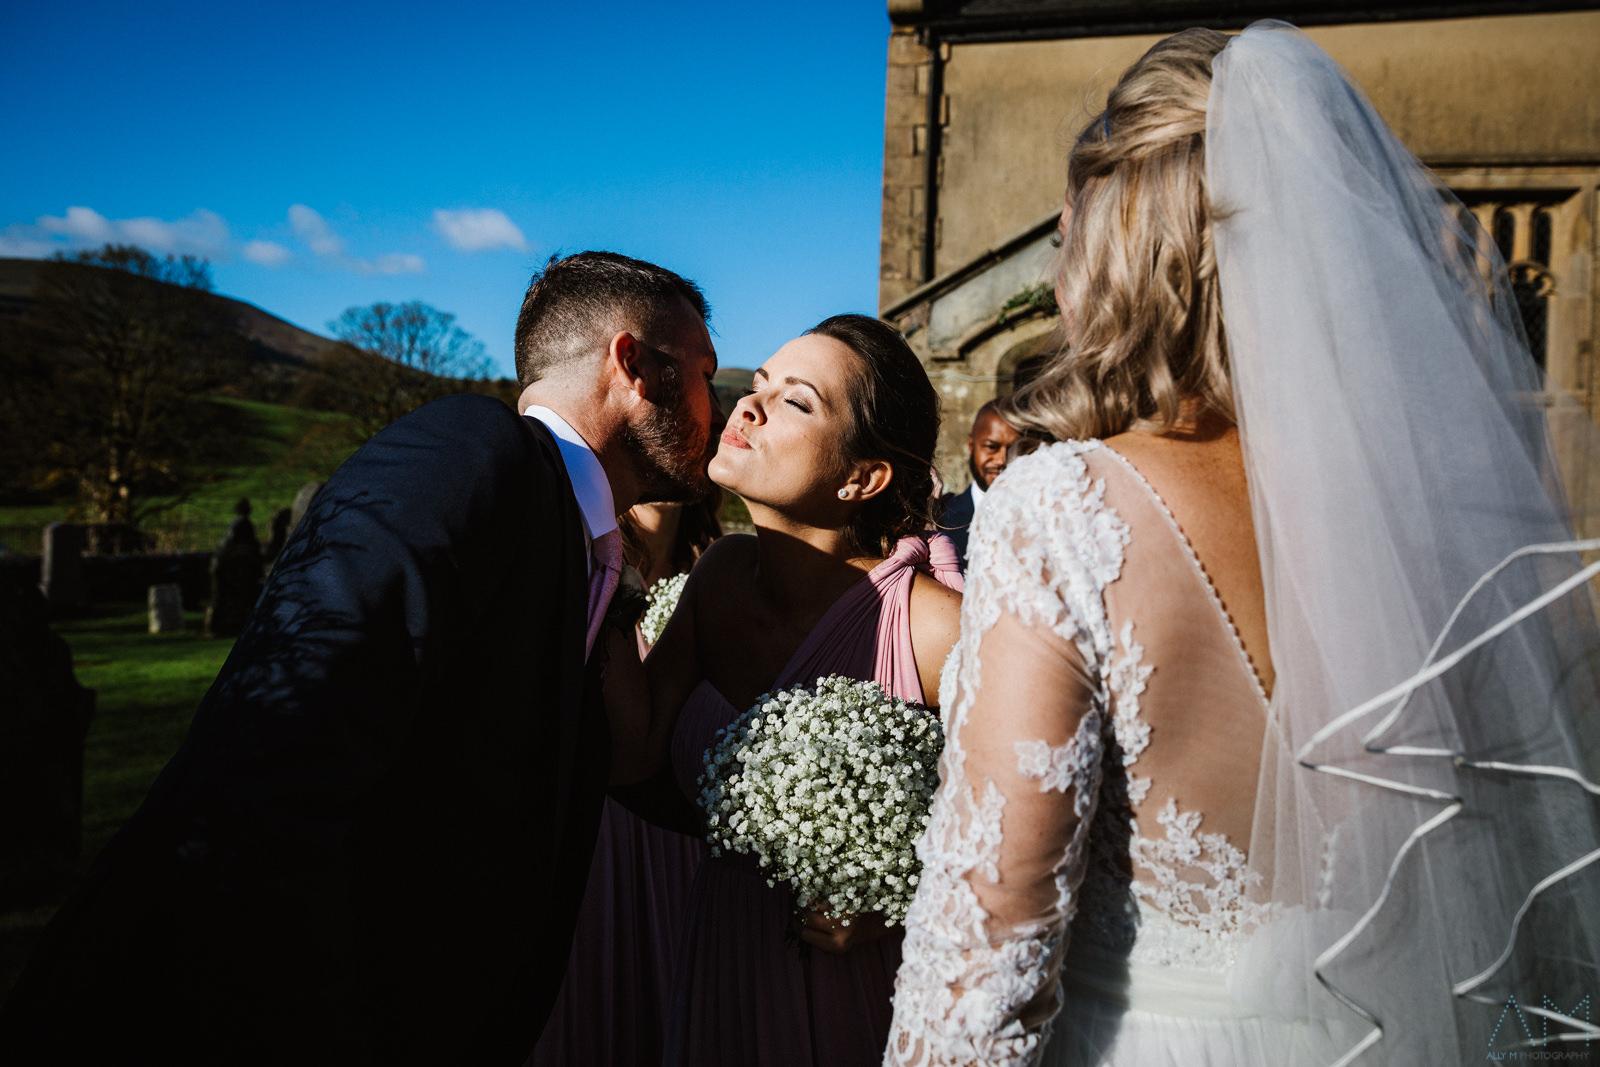 Bridesmaid congratulating the groom.